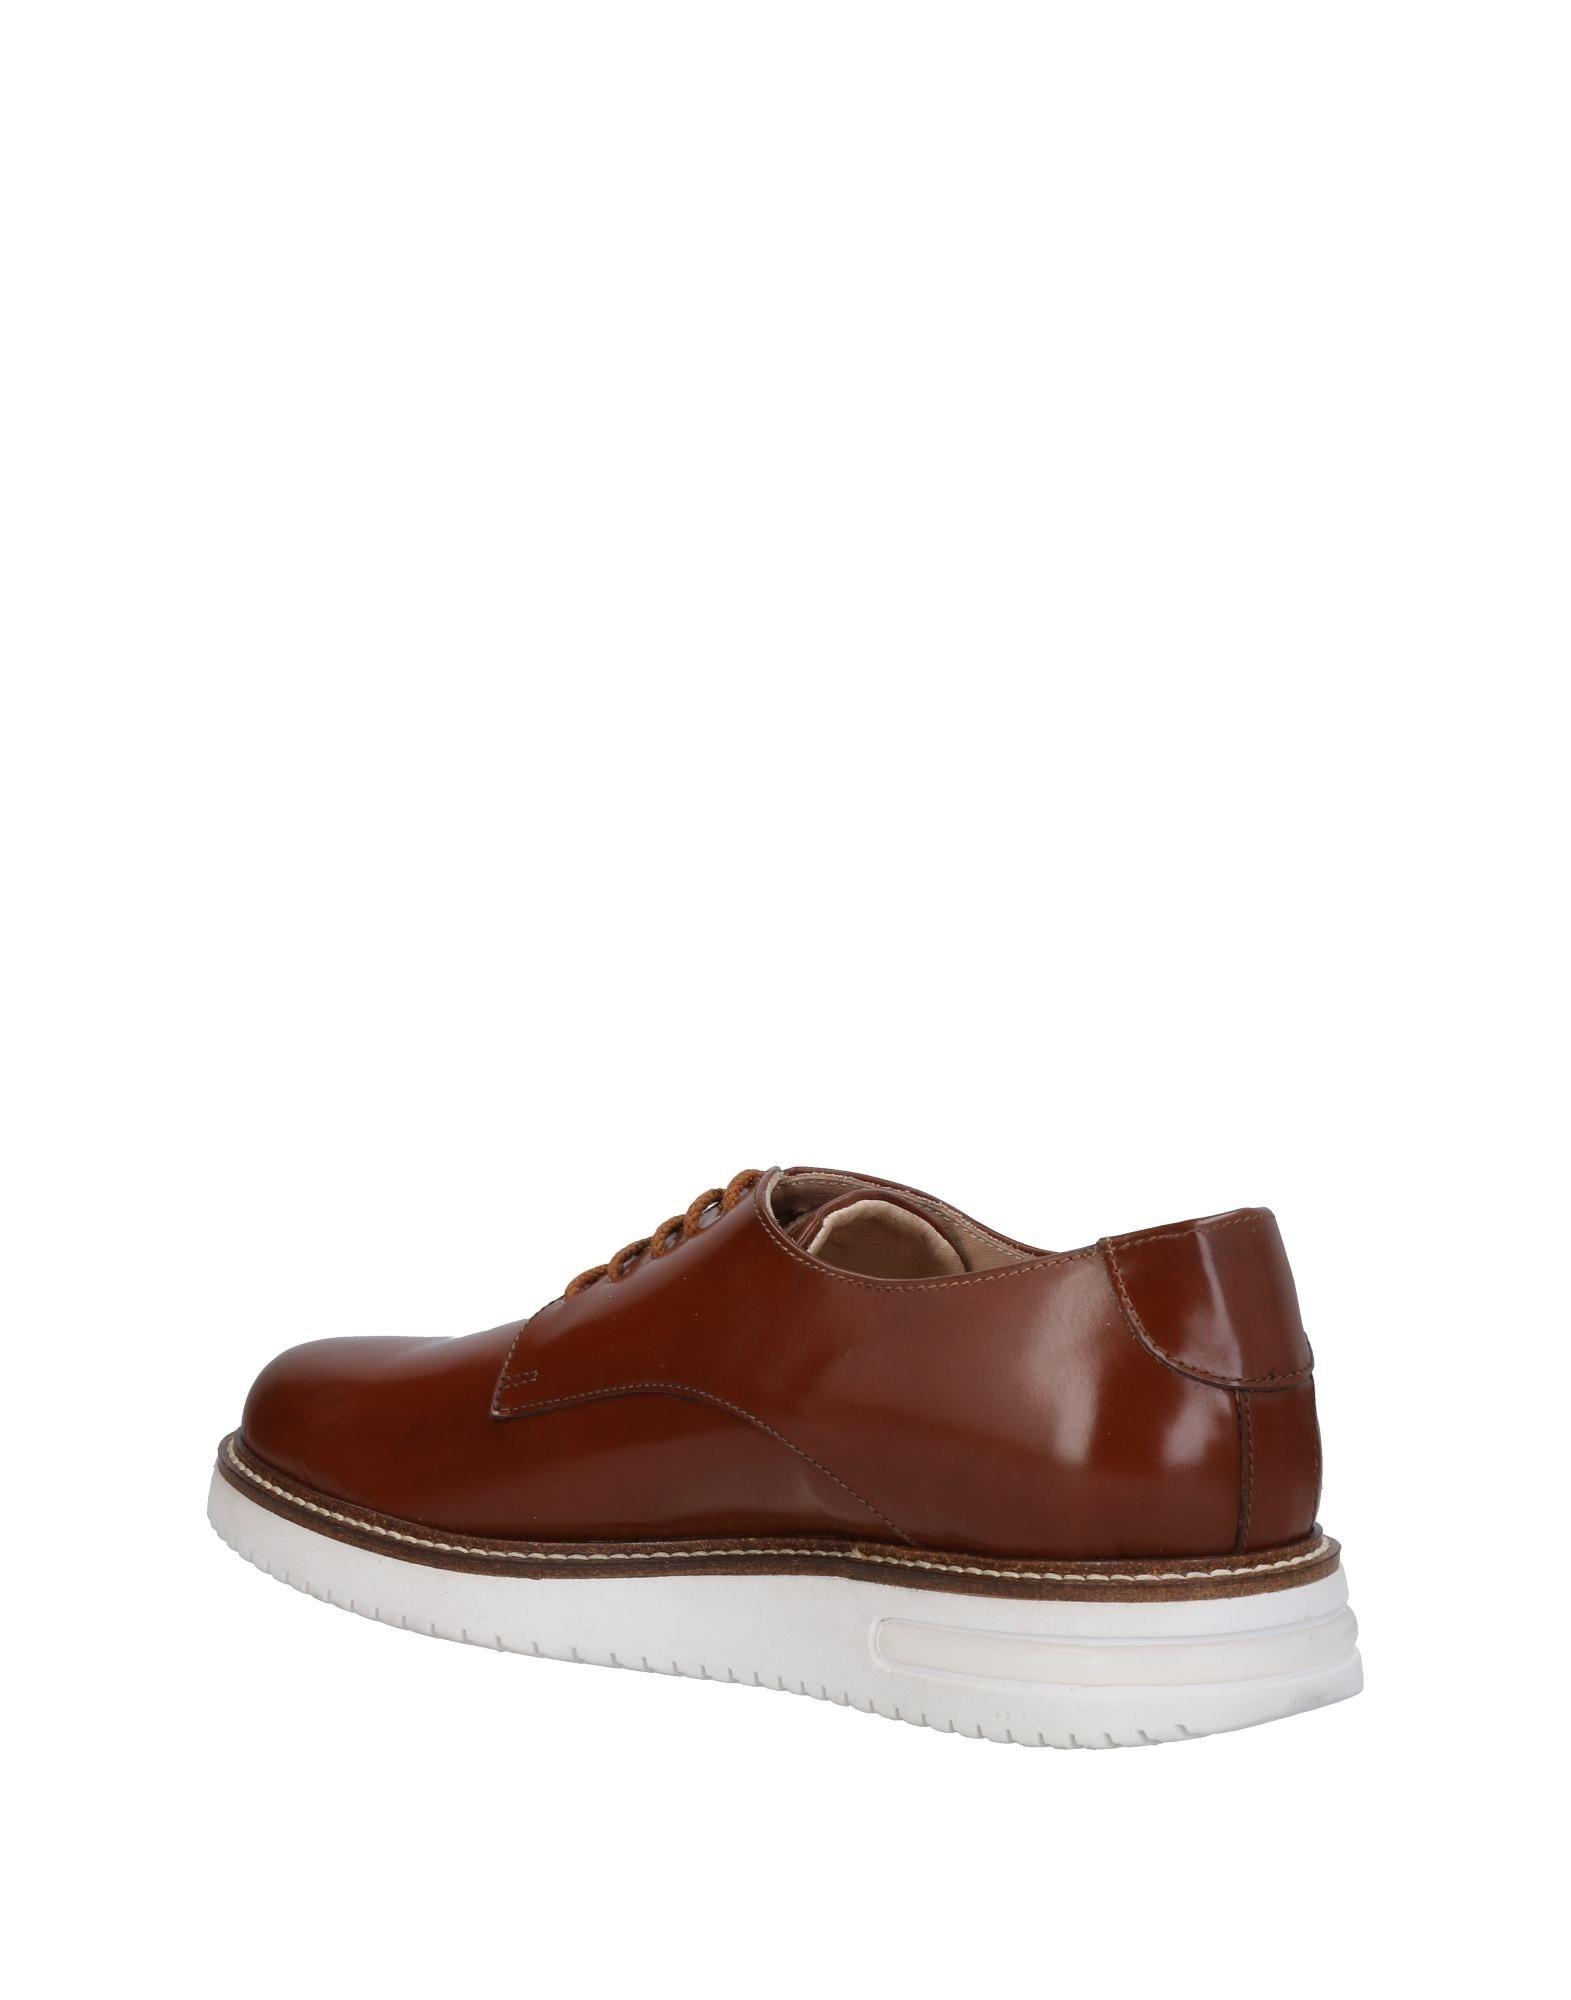 Rabatt echte Schuhe Fdf Shoes Schnürschuhe Herren  11419591DU